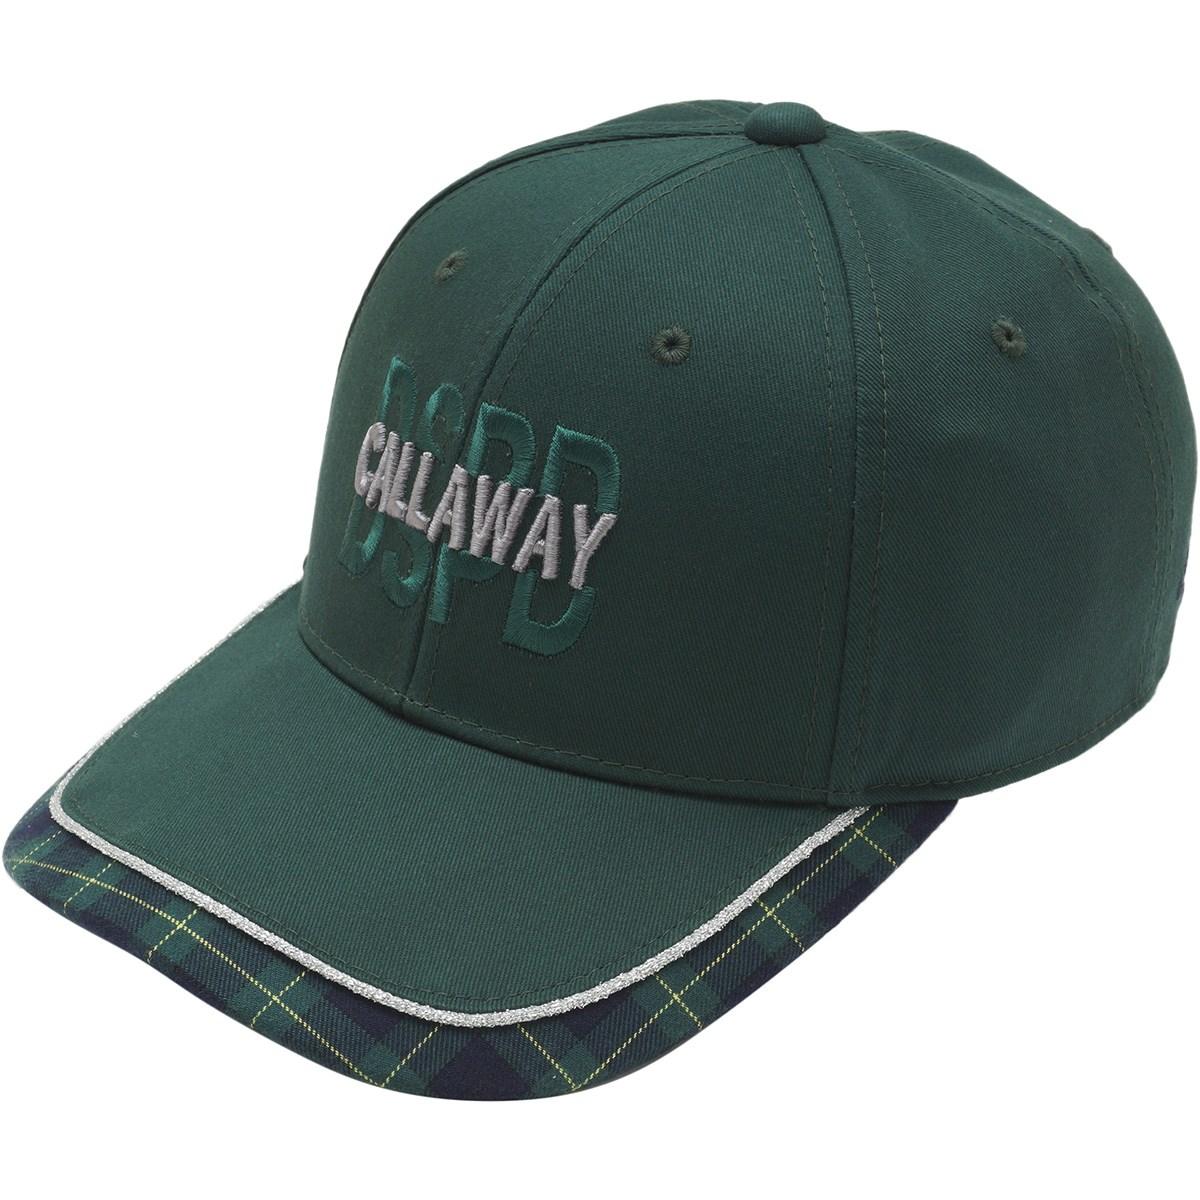 キャロウェイゴルフ Callaway Golf ツイルキャップ フリー グリーン 140 レディス